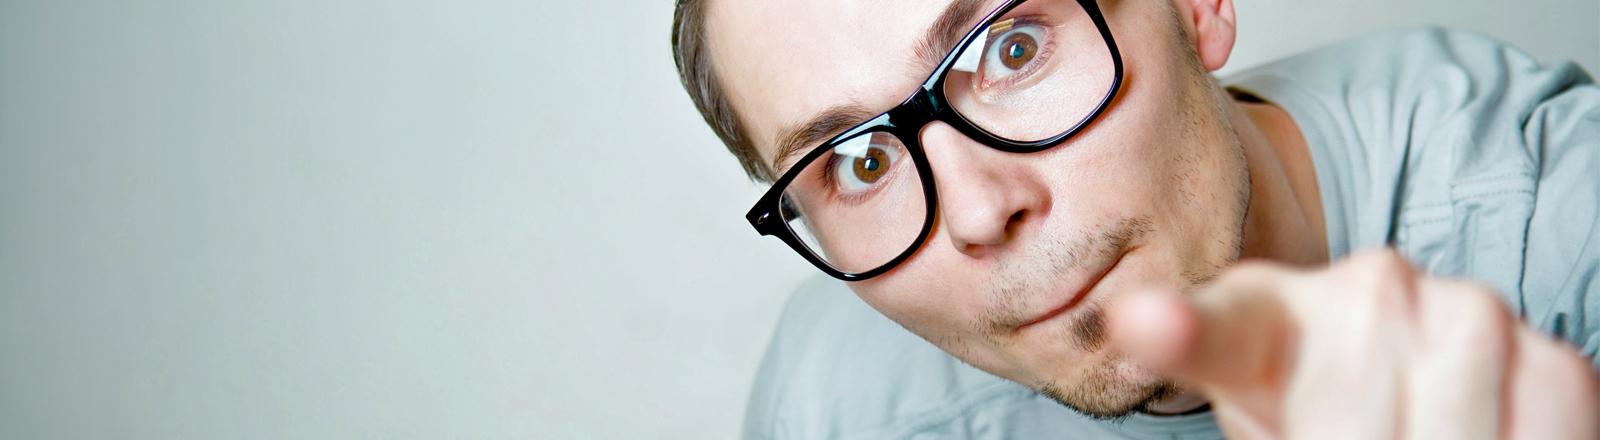 Ein Typ mit Nerd-Brille zeigt auf den Betrachter des Bildes.